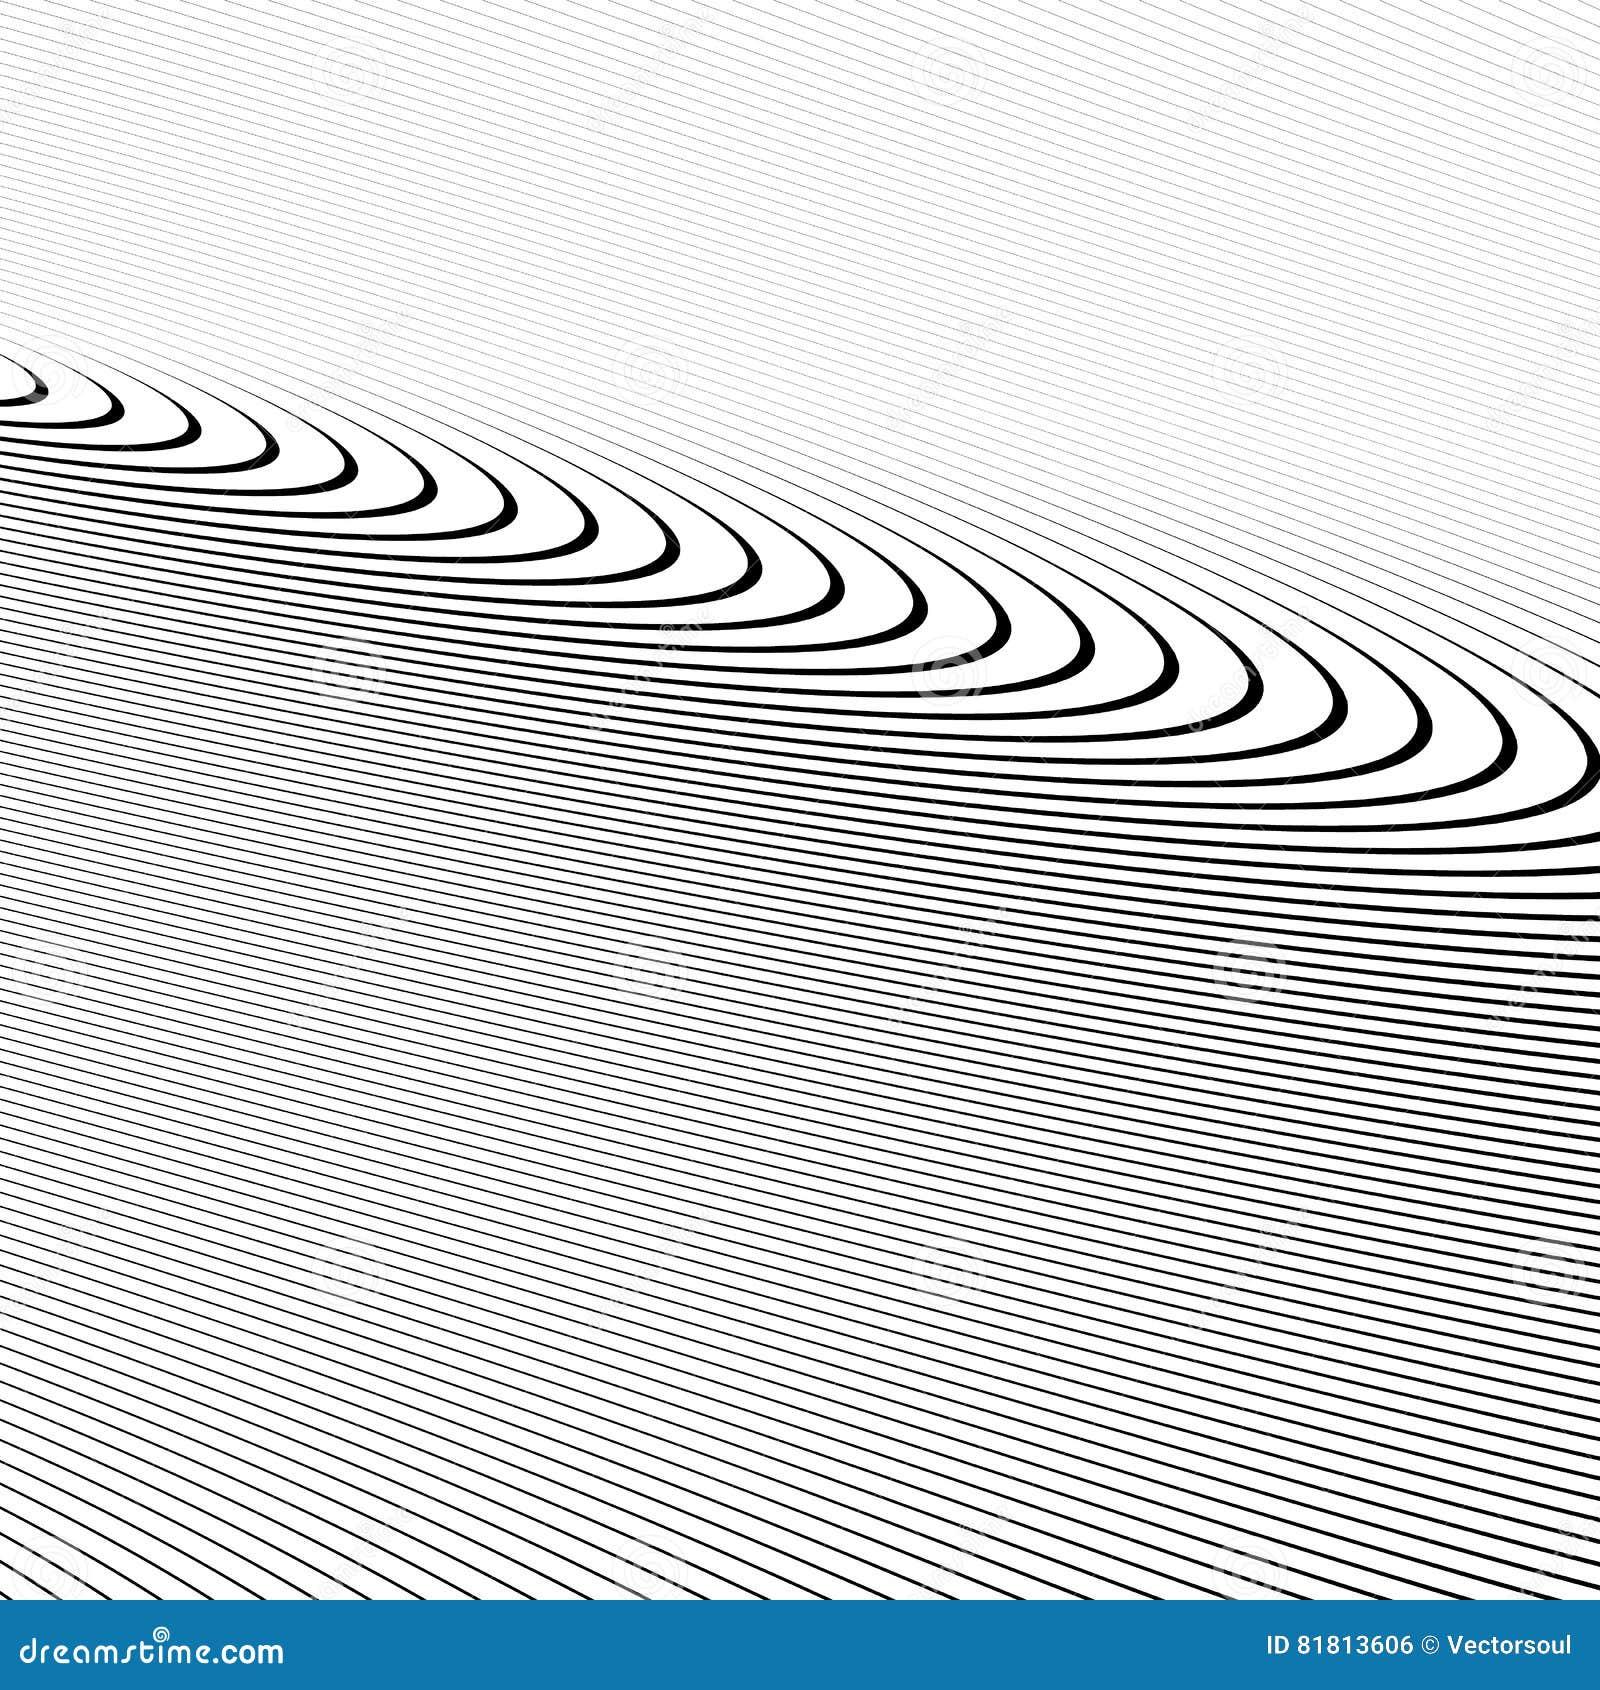 Картина с динамическим, линии сложной формы круга Геометрический циркуляр